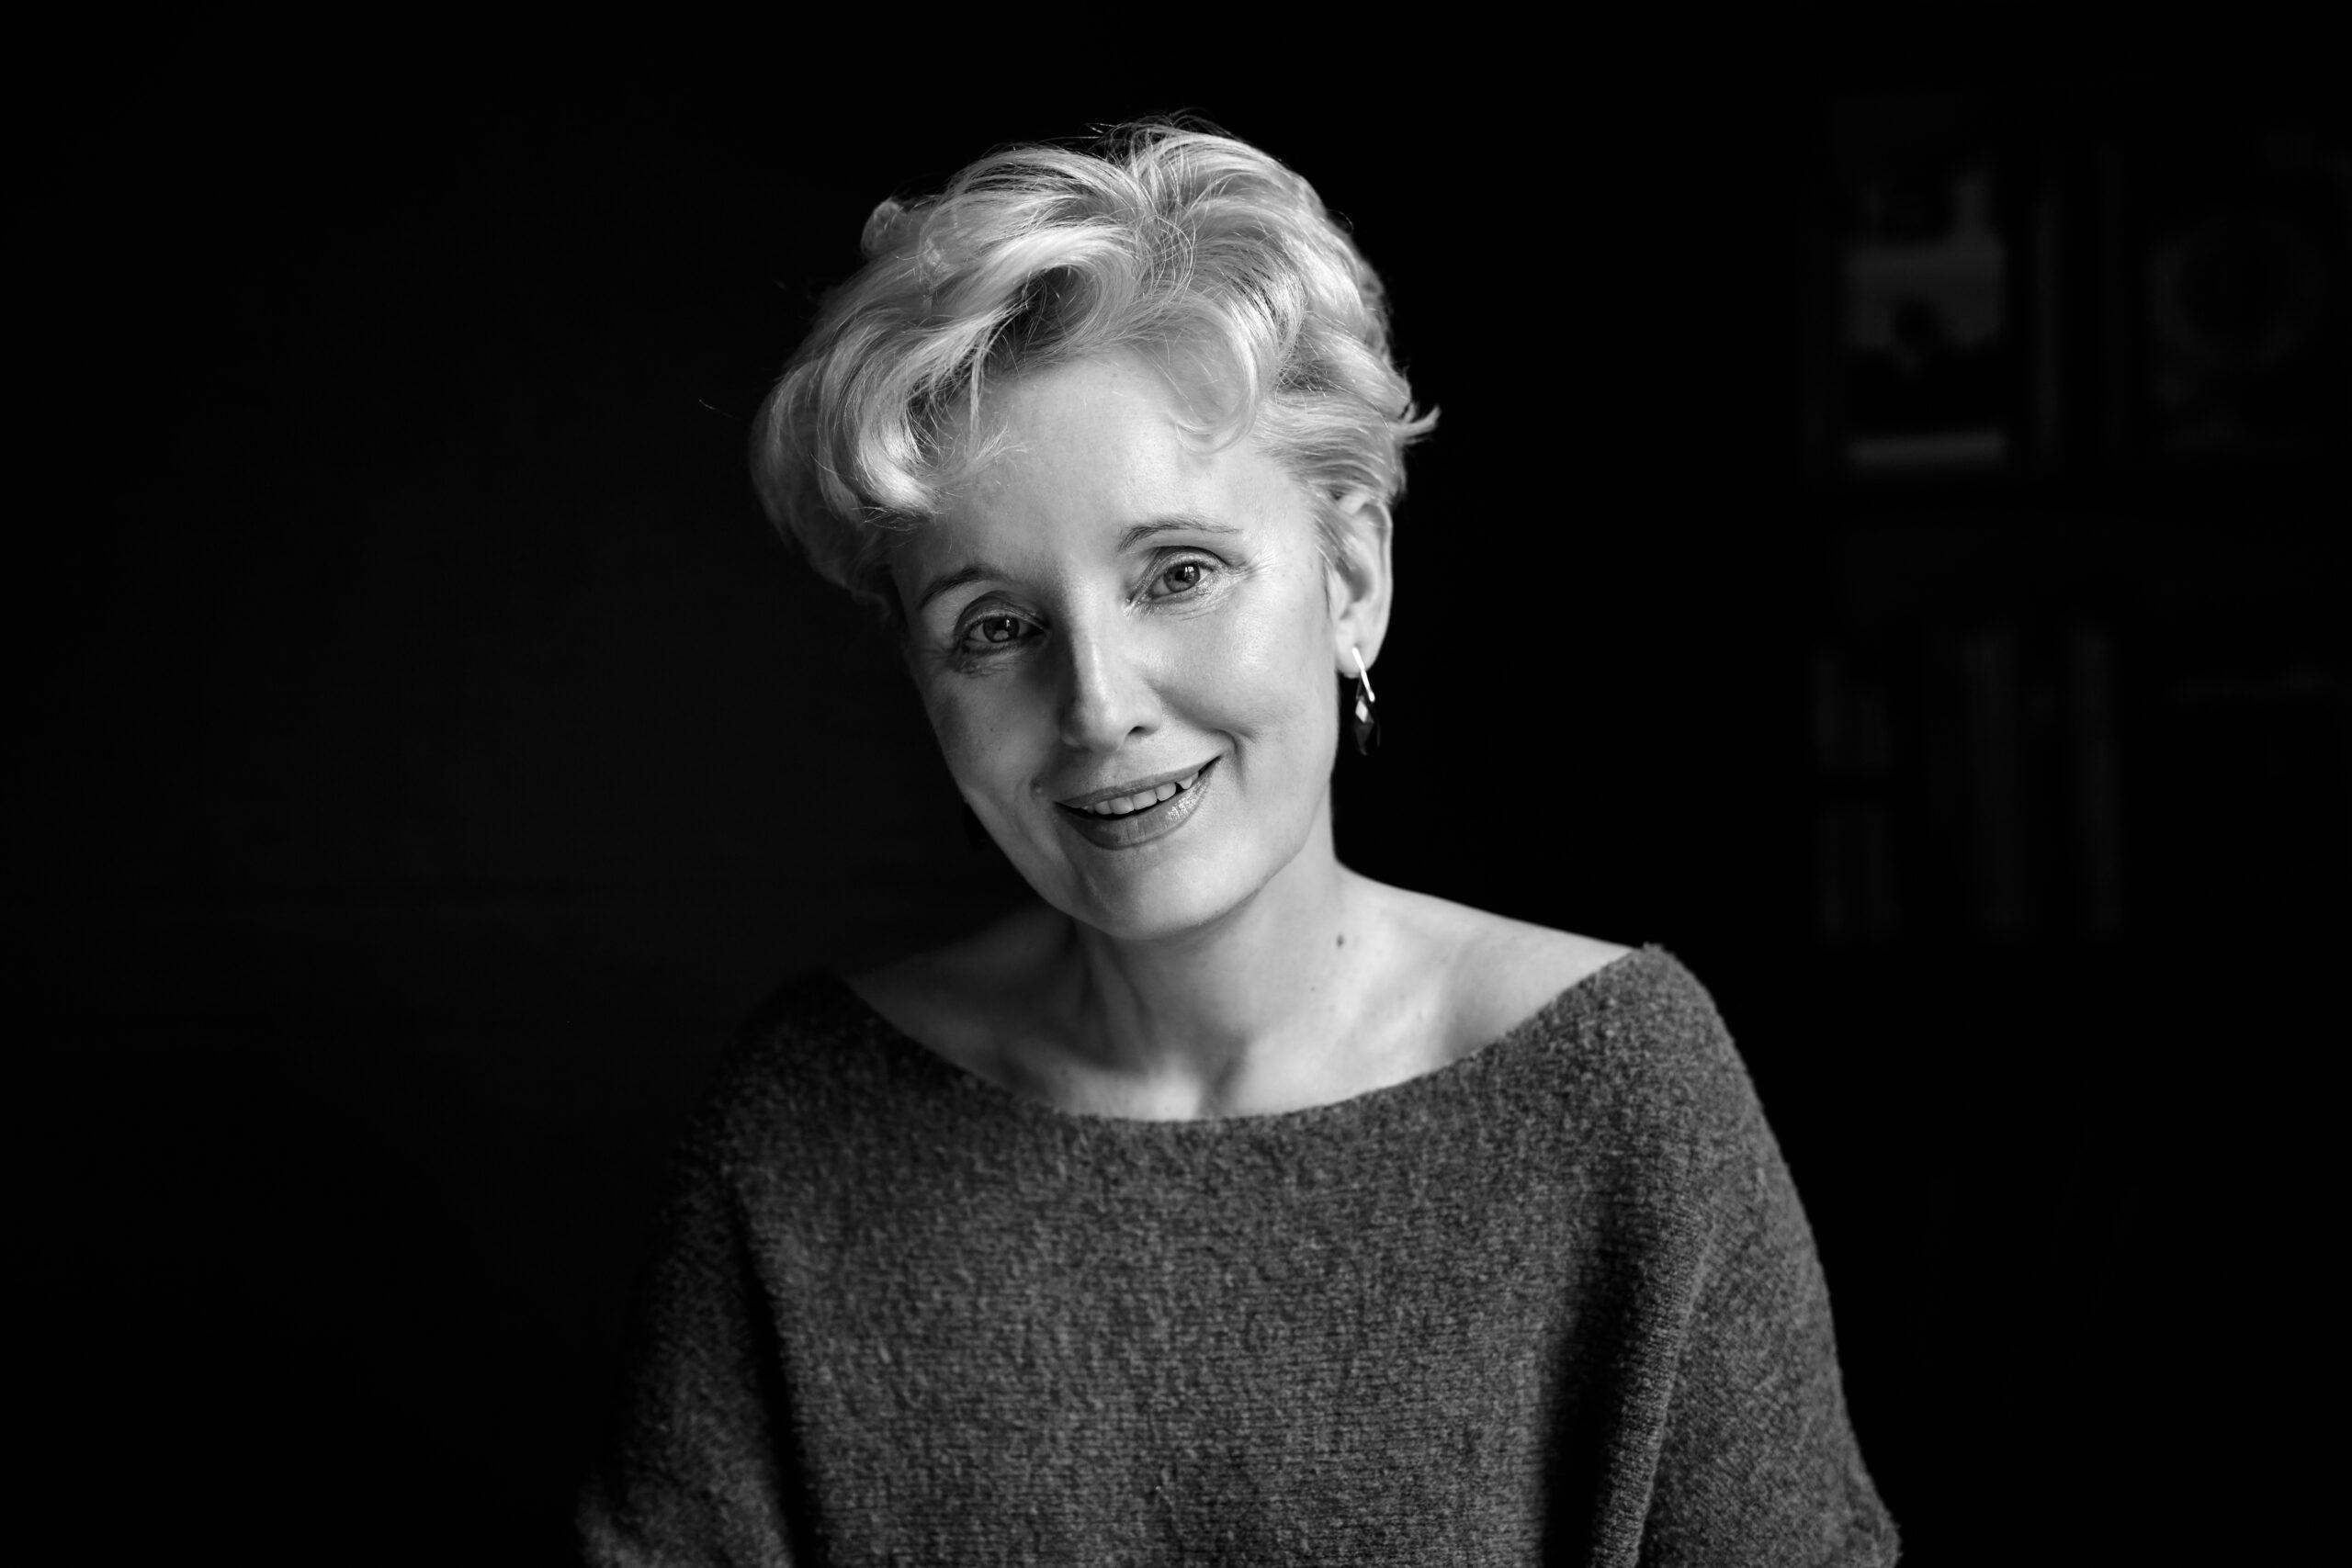 Anna Piwkowska laureatka Nagrody im. Norwida w kategorii literatura 2020